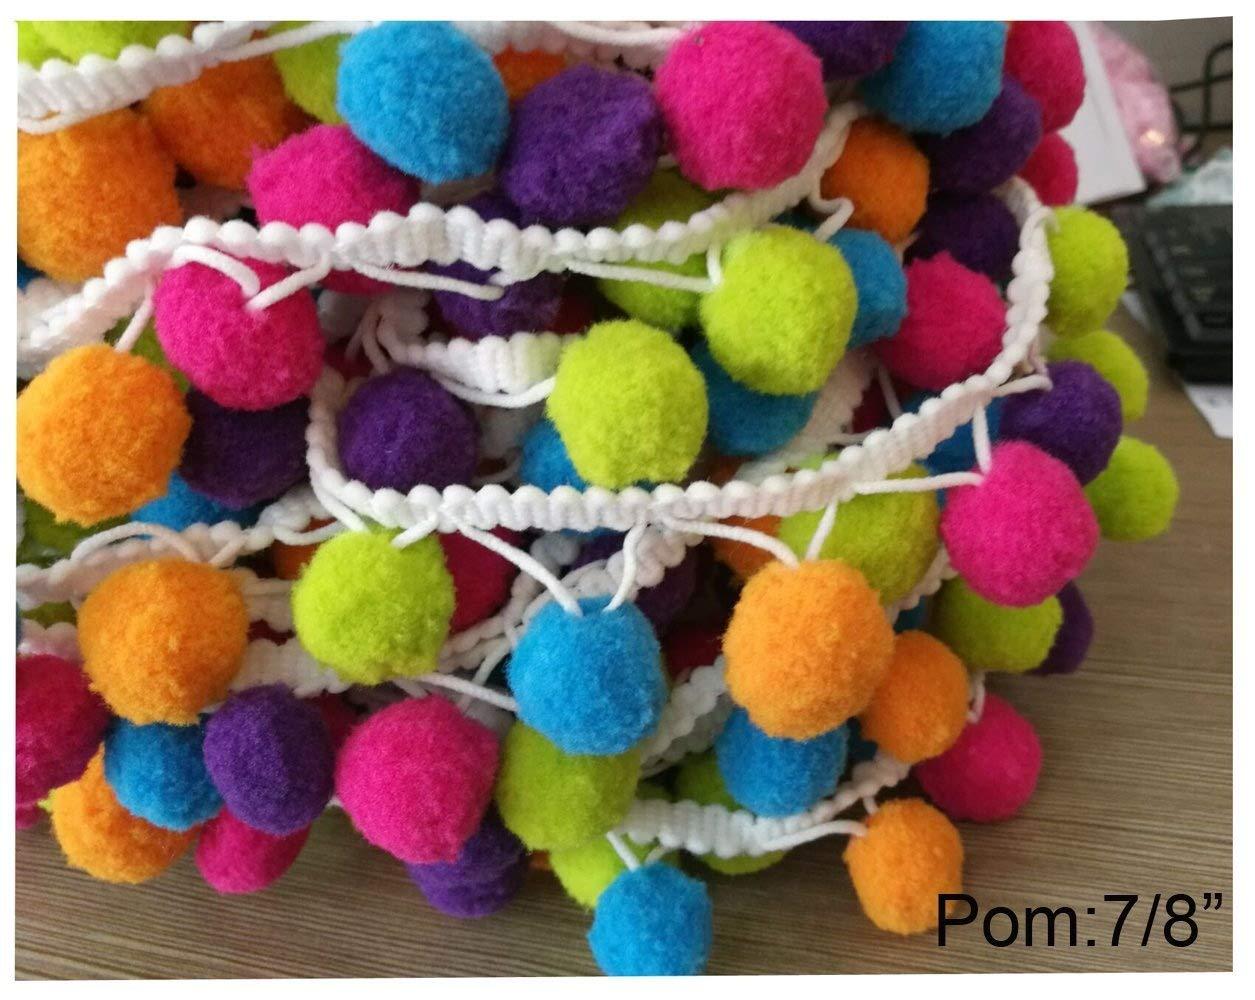 5 Yards Rainbow Q YYCRAFT Rainbow Pom Pom Ball fringe Trim Ribbon Sewing